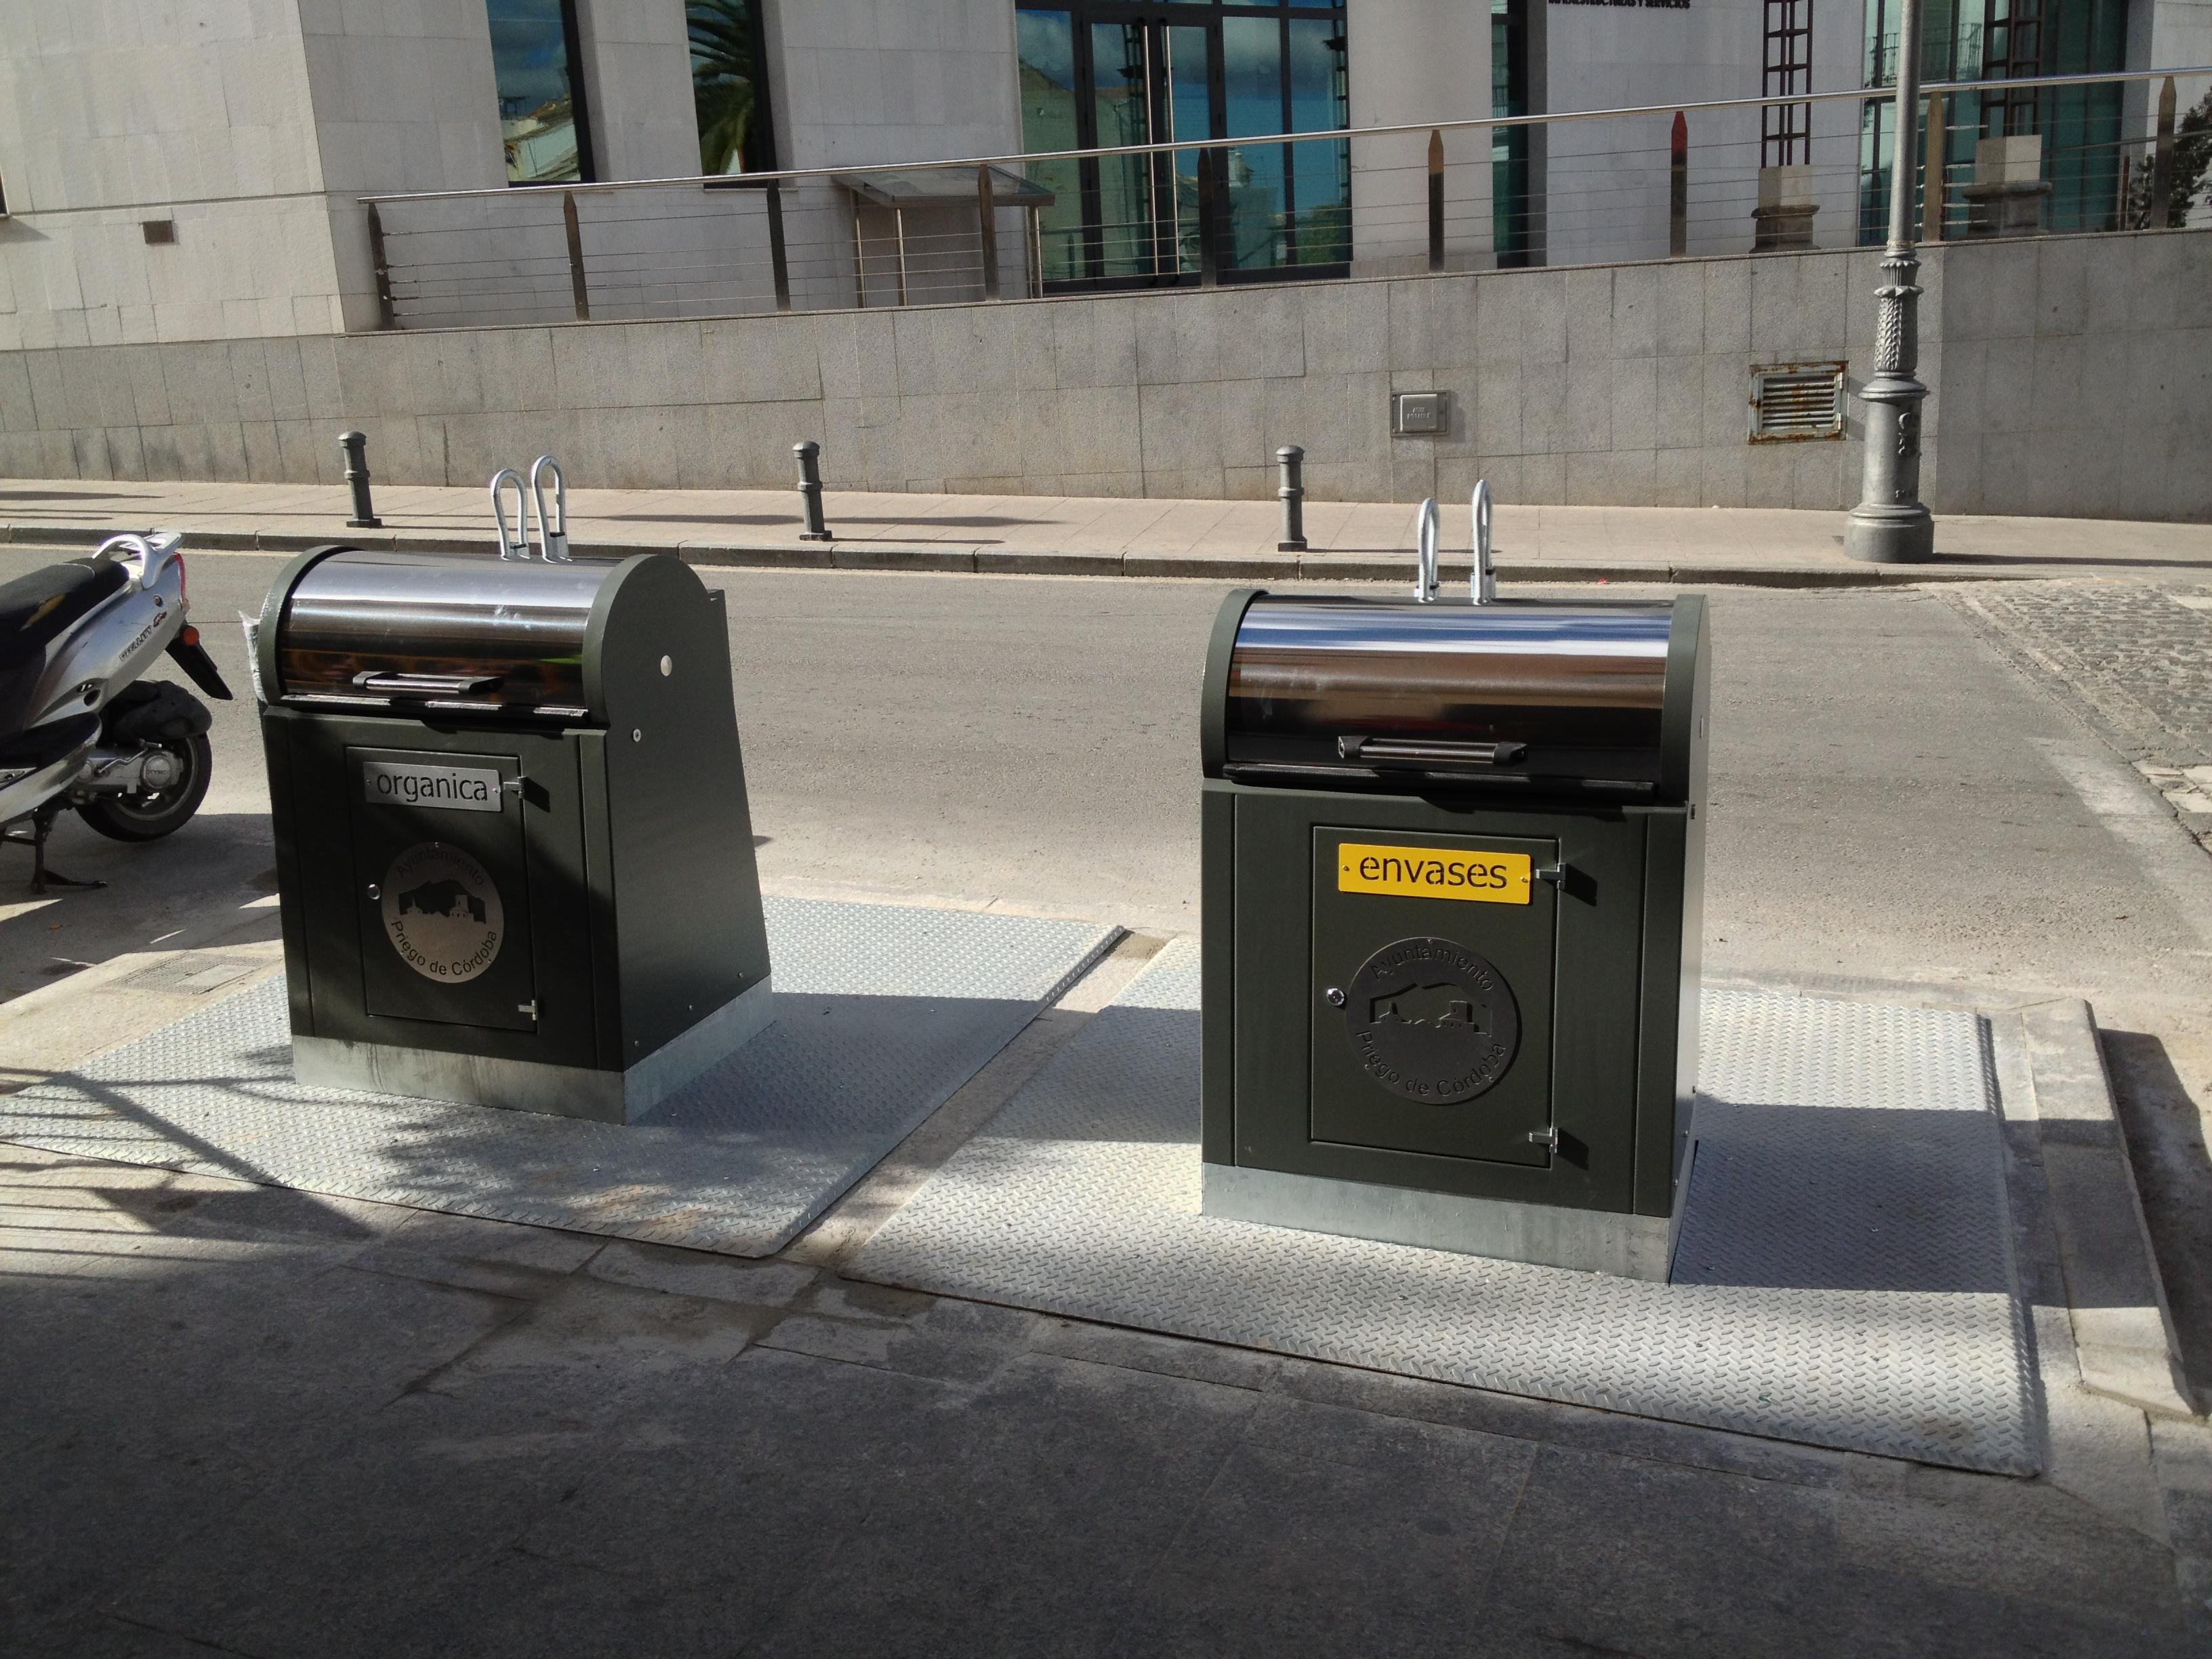 servicios-urbanos-avanzados-contenedores-soterrados